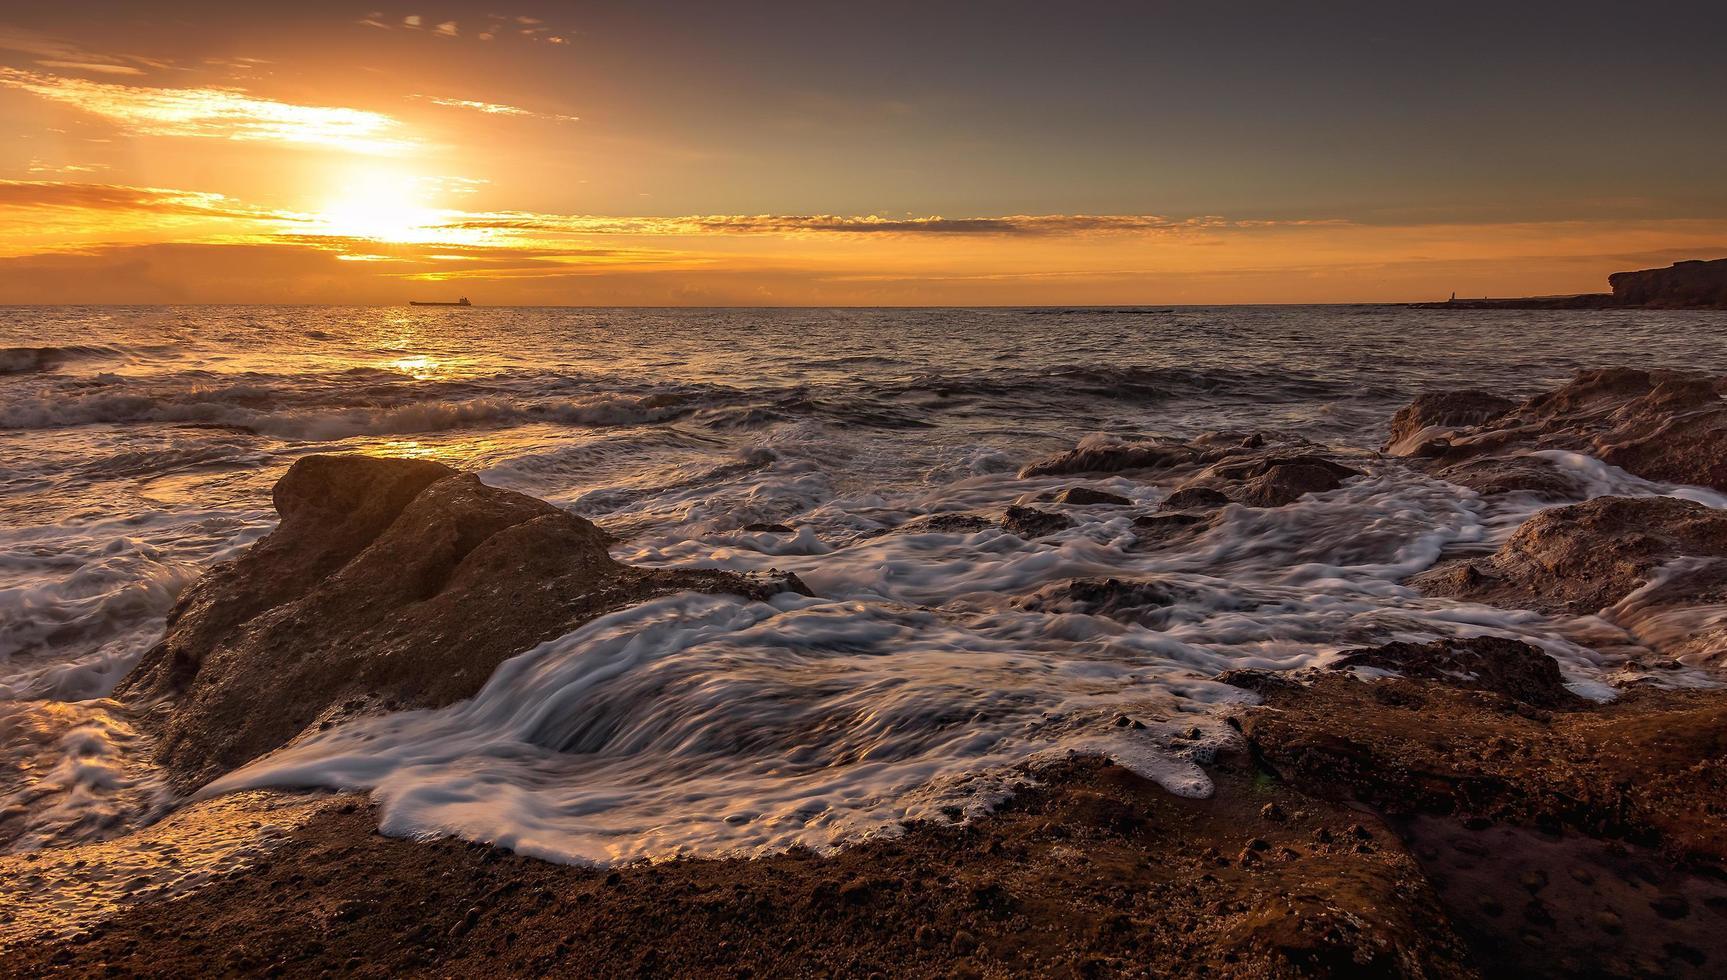 onde che si infrangono sulla riva durante il tramonto foto